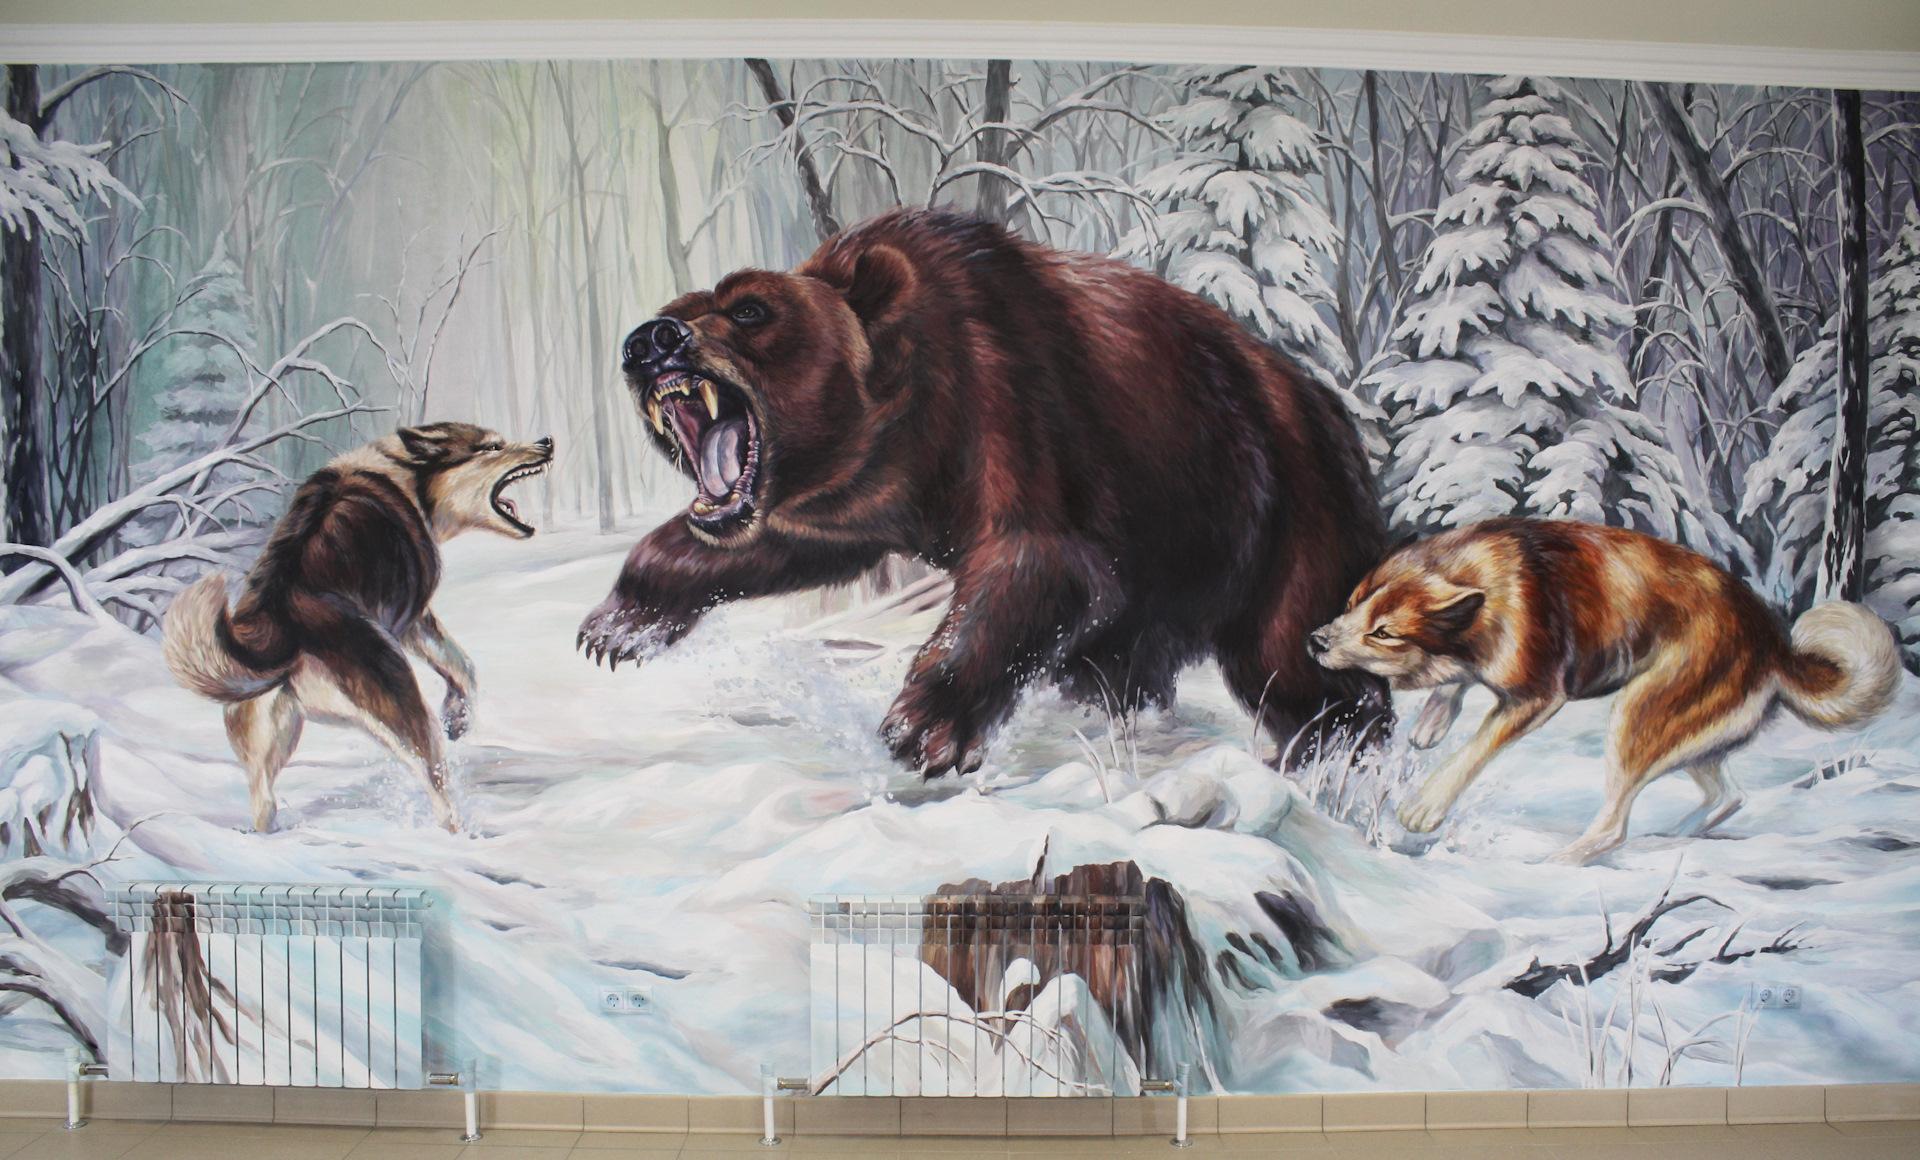 фото картинки охота на медведя сацебели